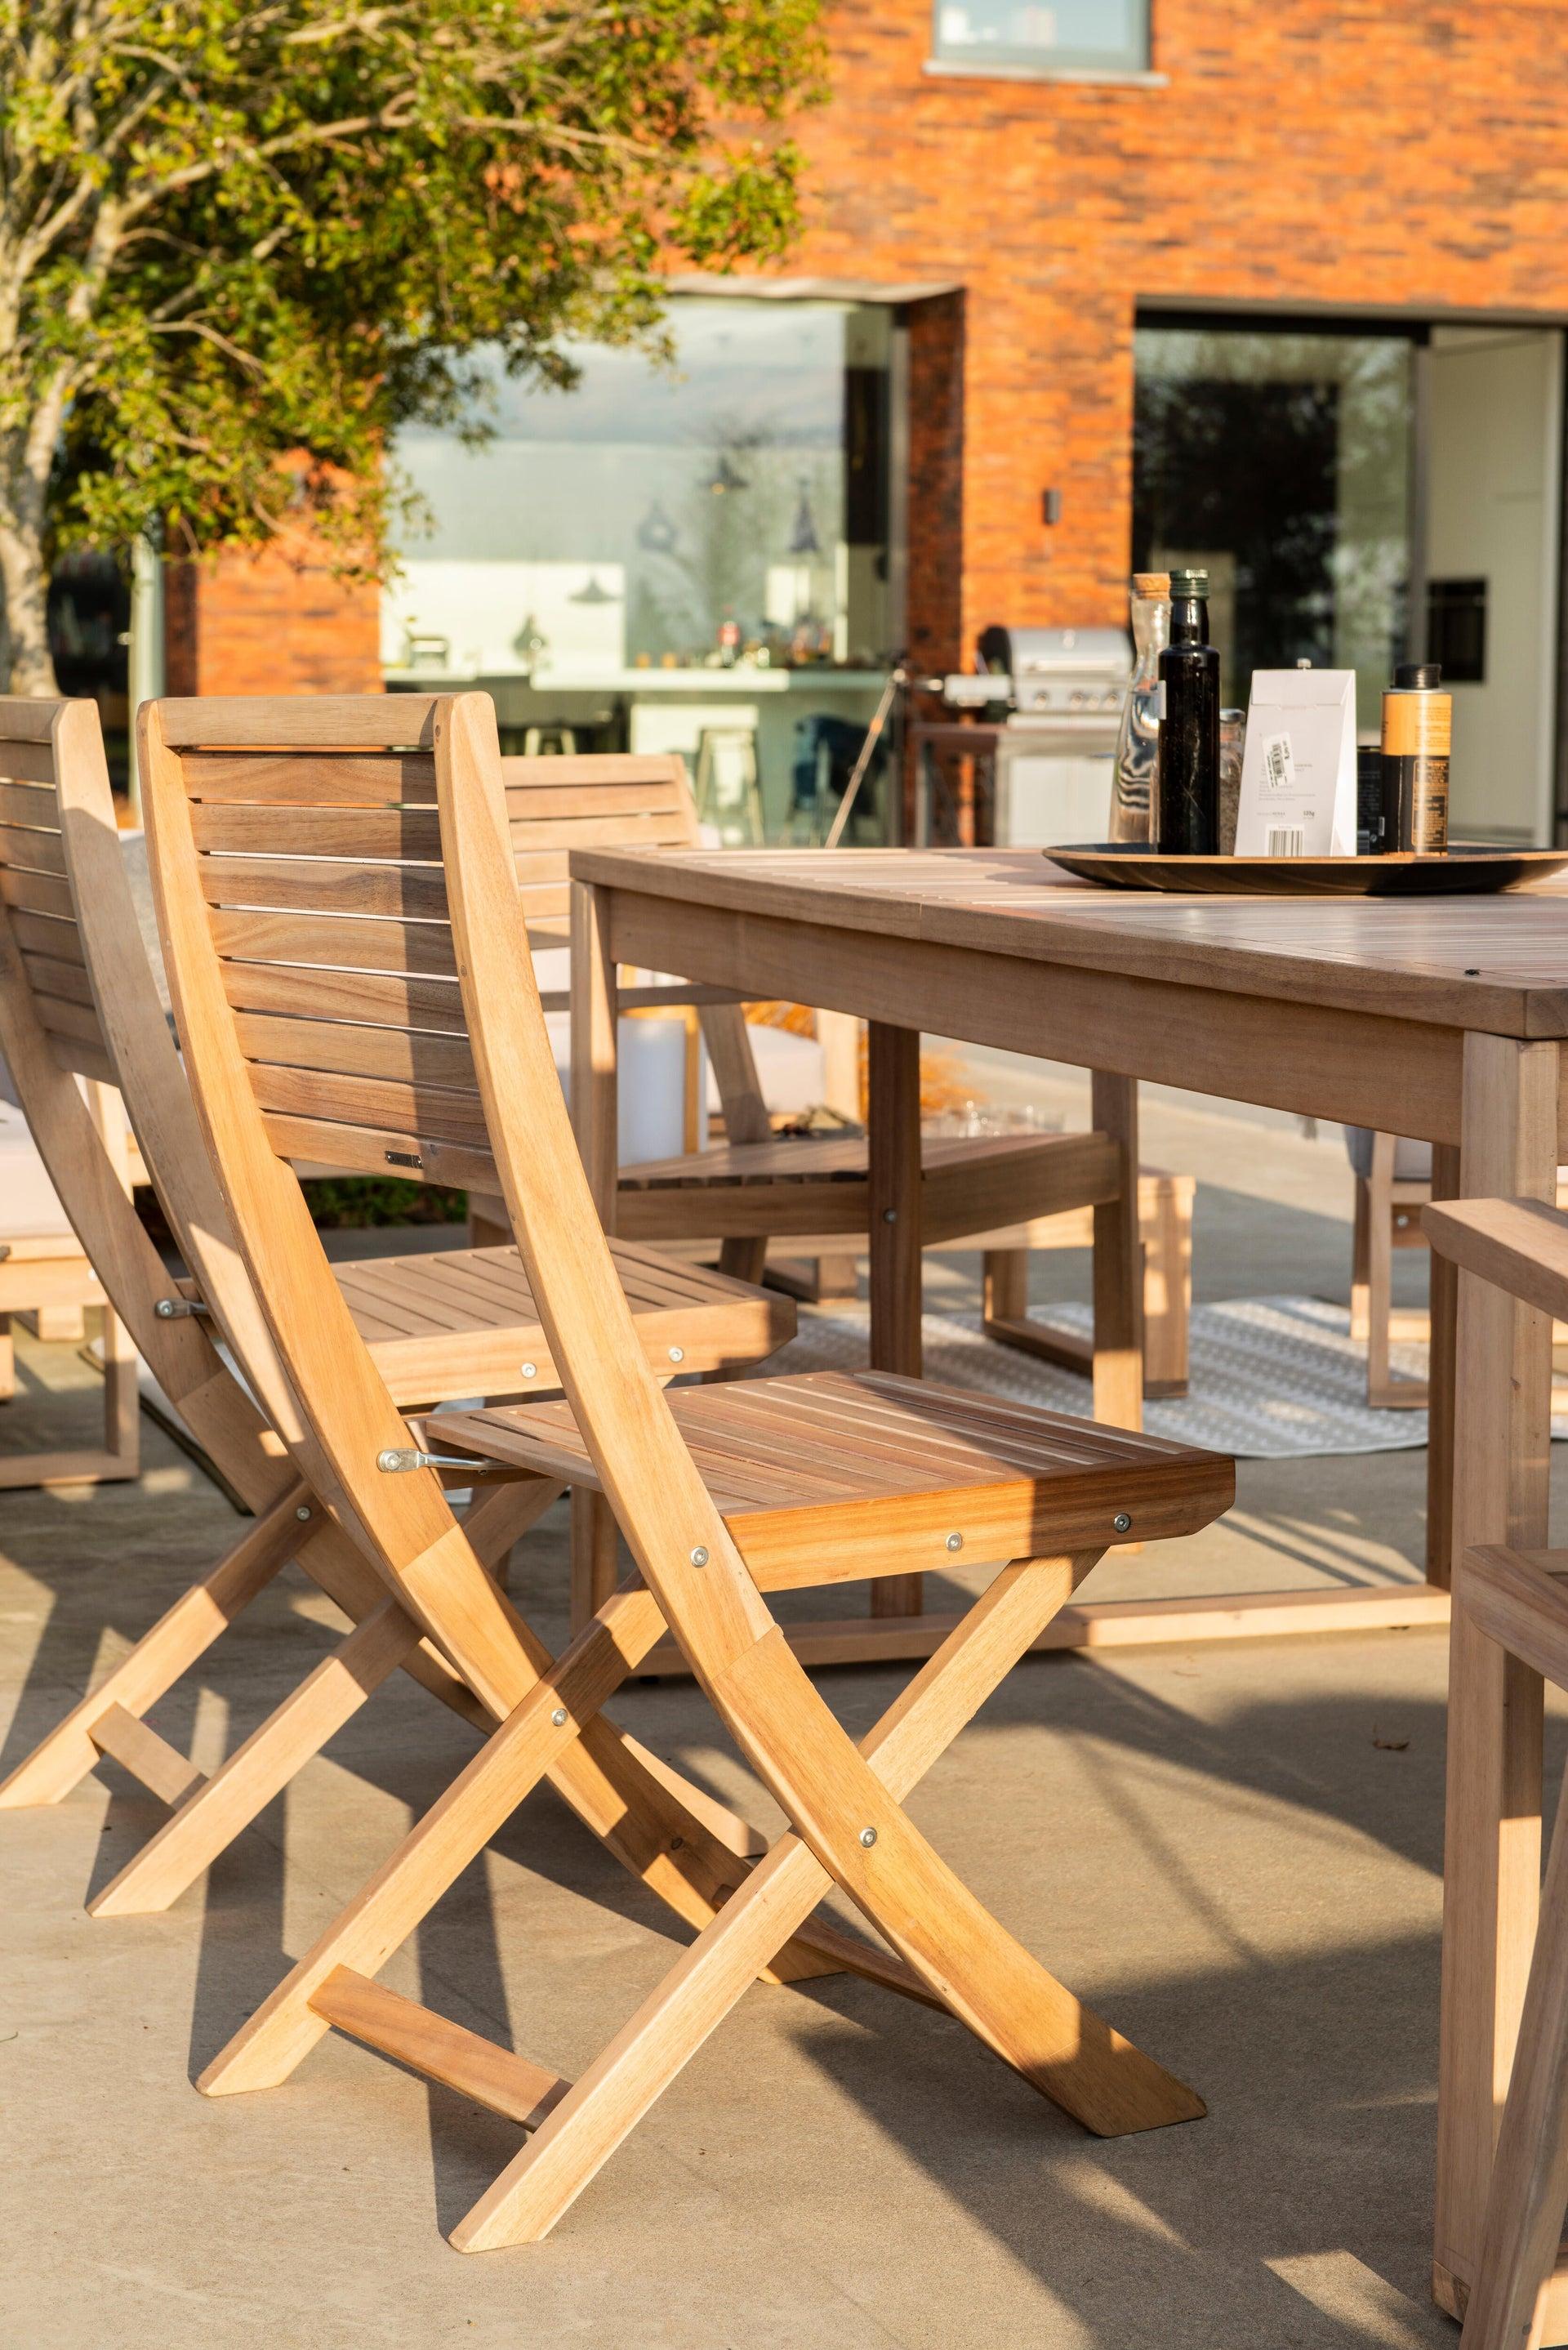 Sedia con braccioli senza cuscino pieghevole in legno Solaris NATERIAL colore acacia - 10